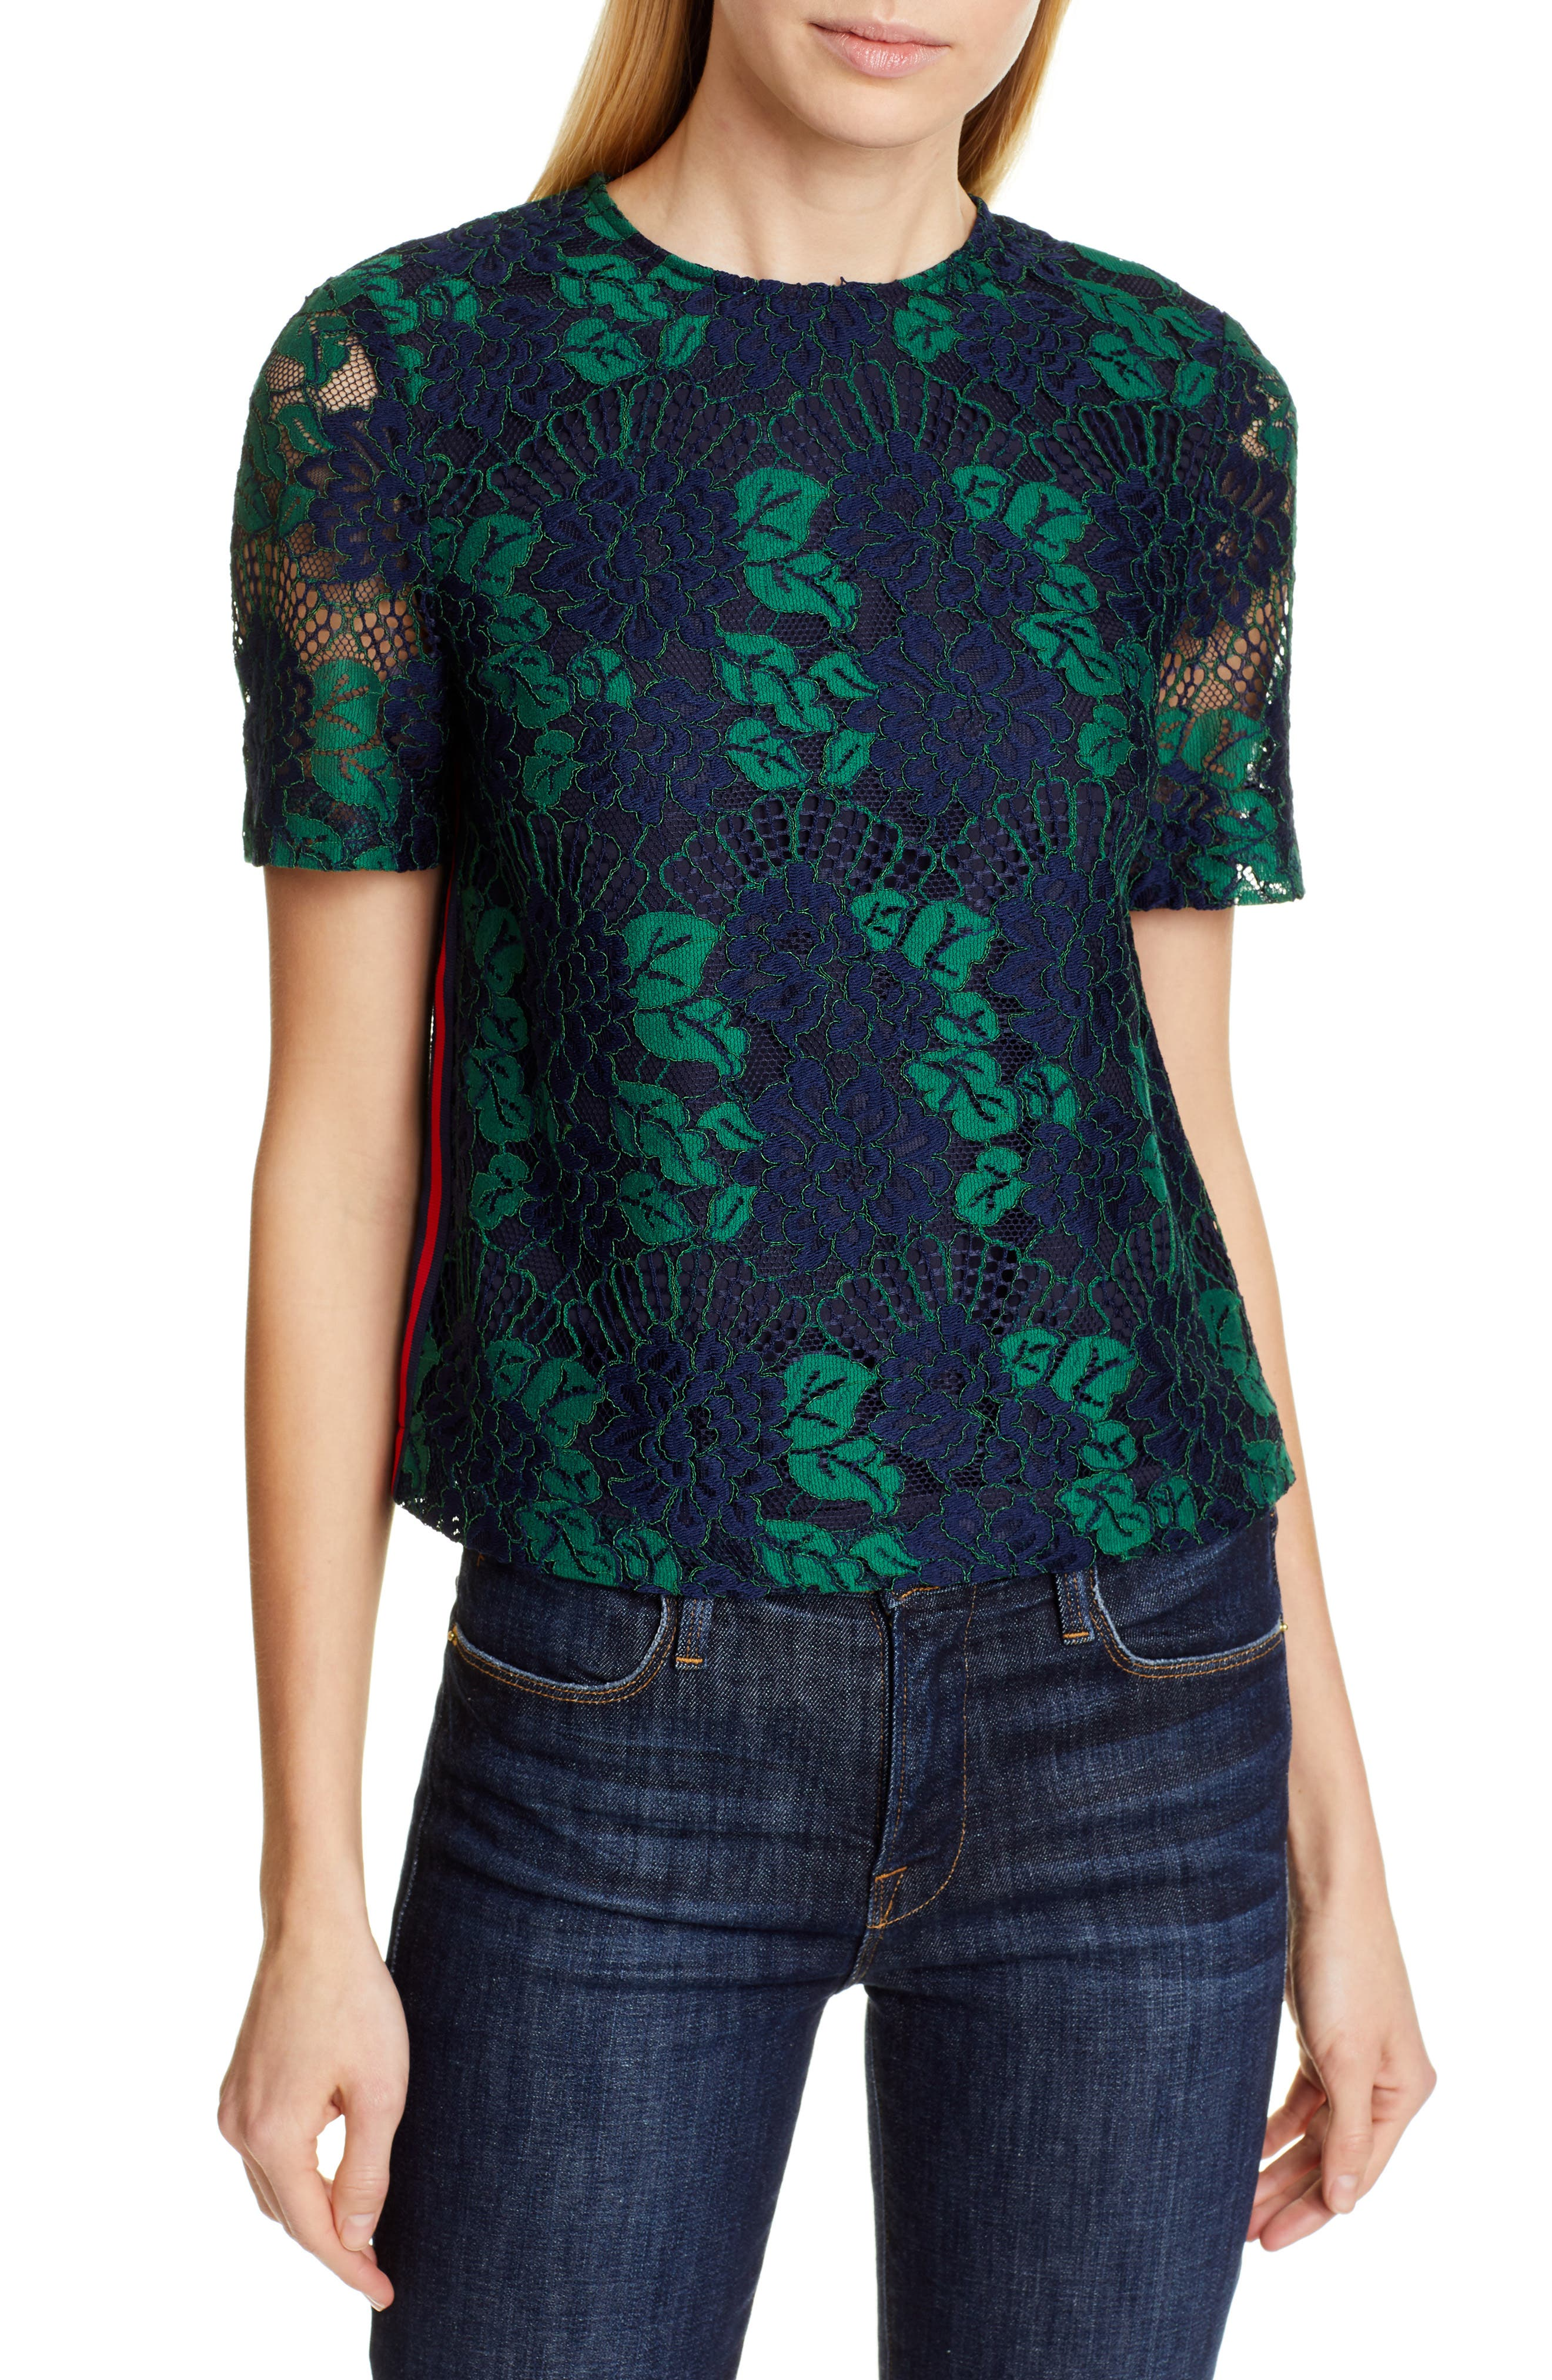 b6e1724d6 Ted Baker London Women s Clothing